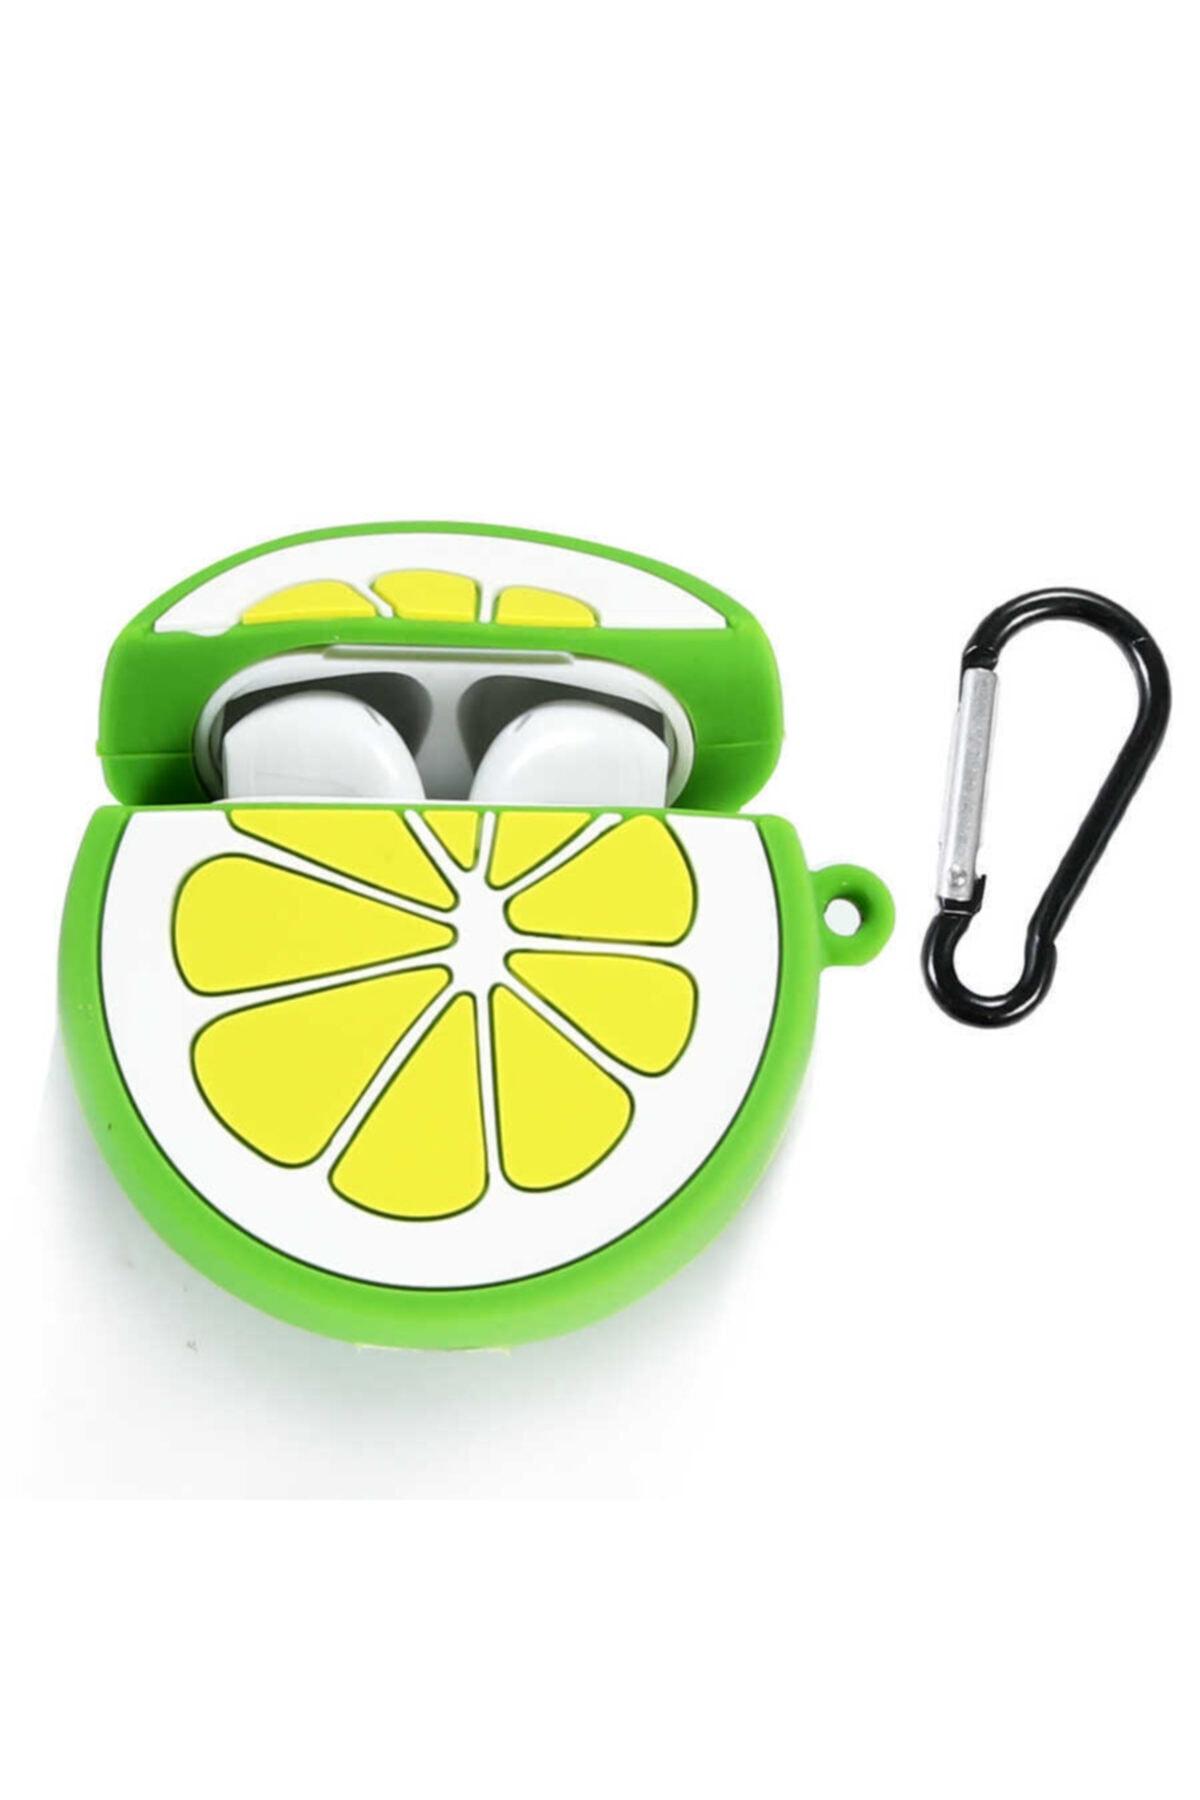 zore Silikon Lime Limon Askılı Korumalı Wireless Kablosuz Şarj Destekli  Airpods Kılıf 1